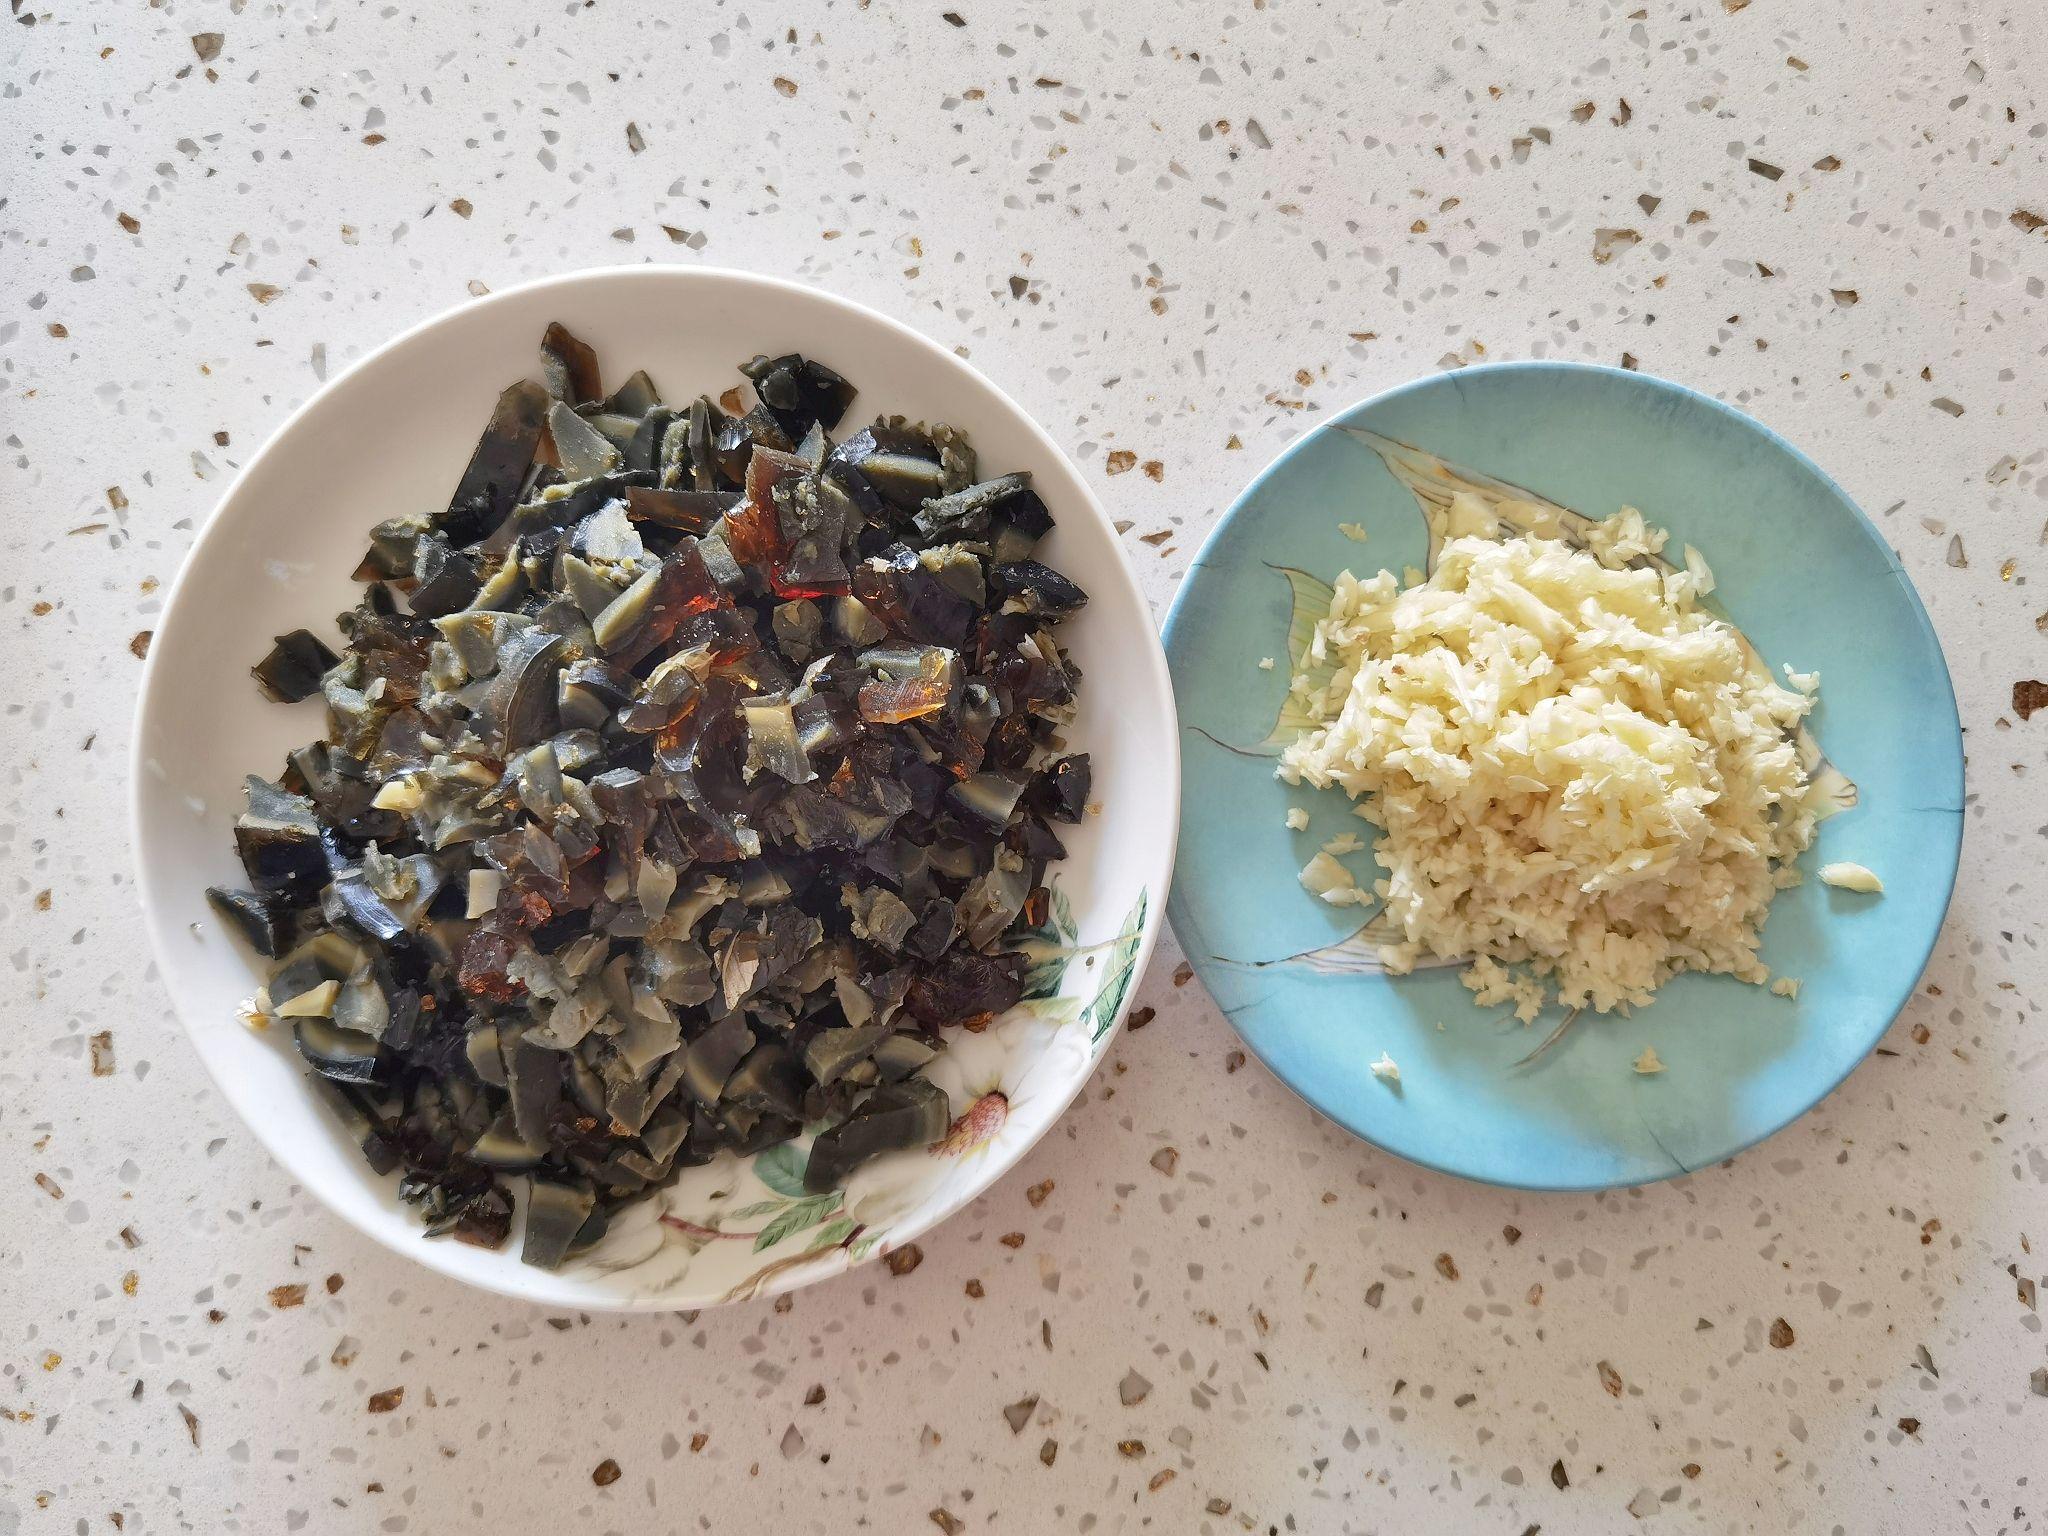 看着很丑,吃着很香的辣椒锤皮蛋,就馒头米饭简直绝了的家常做法